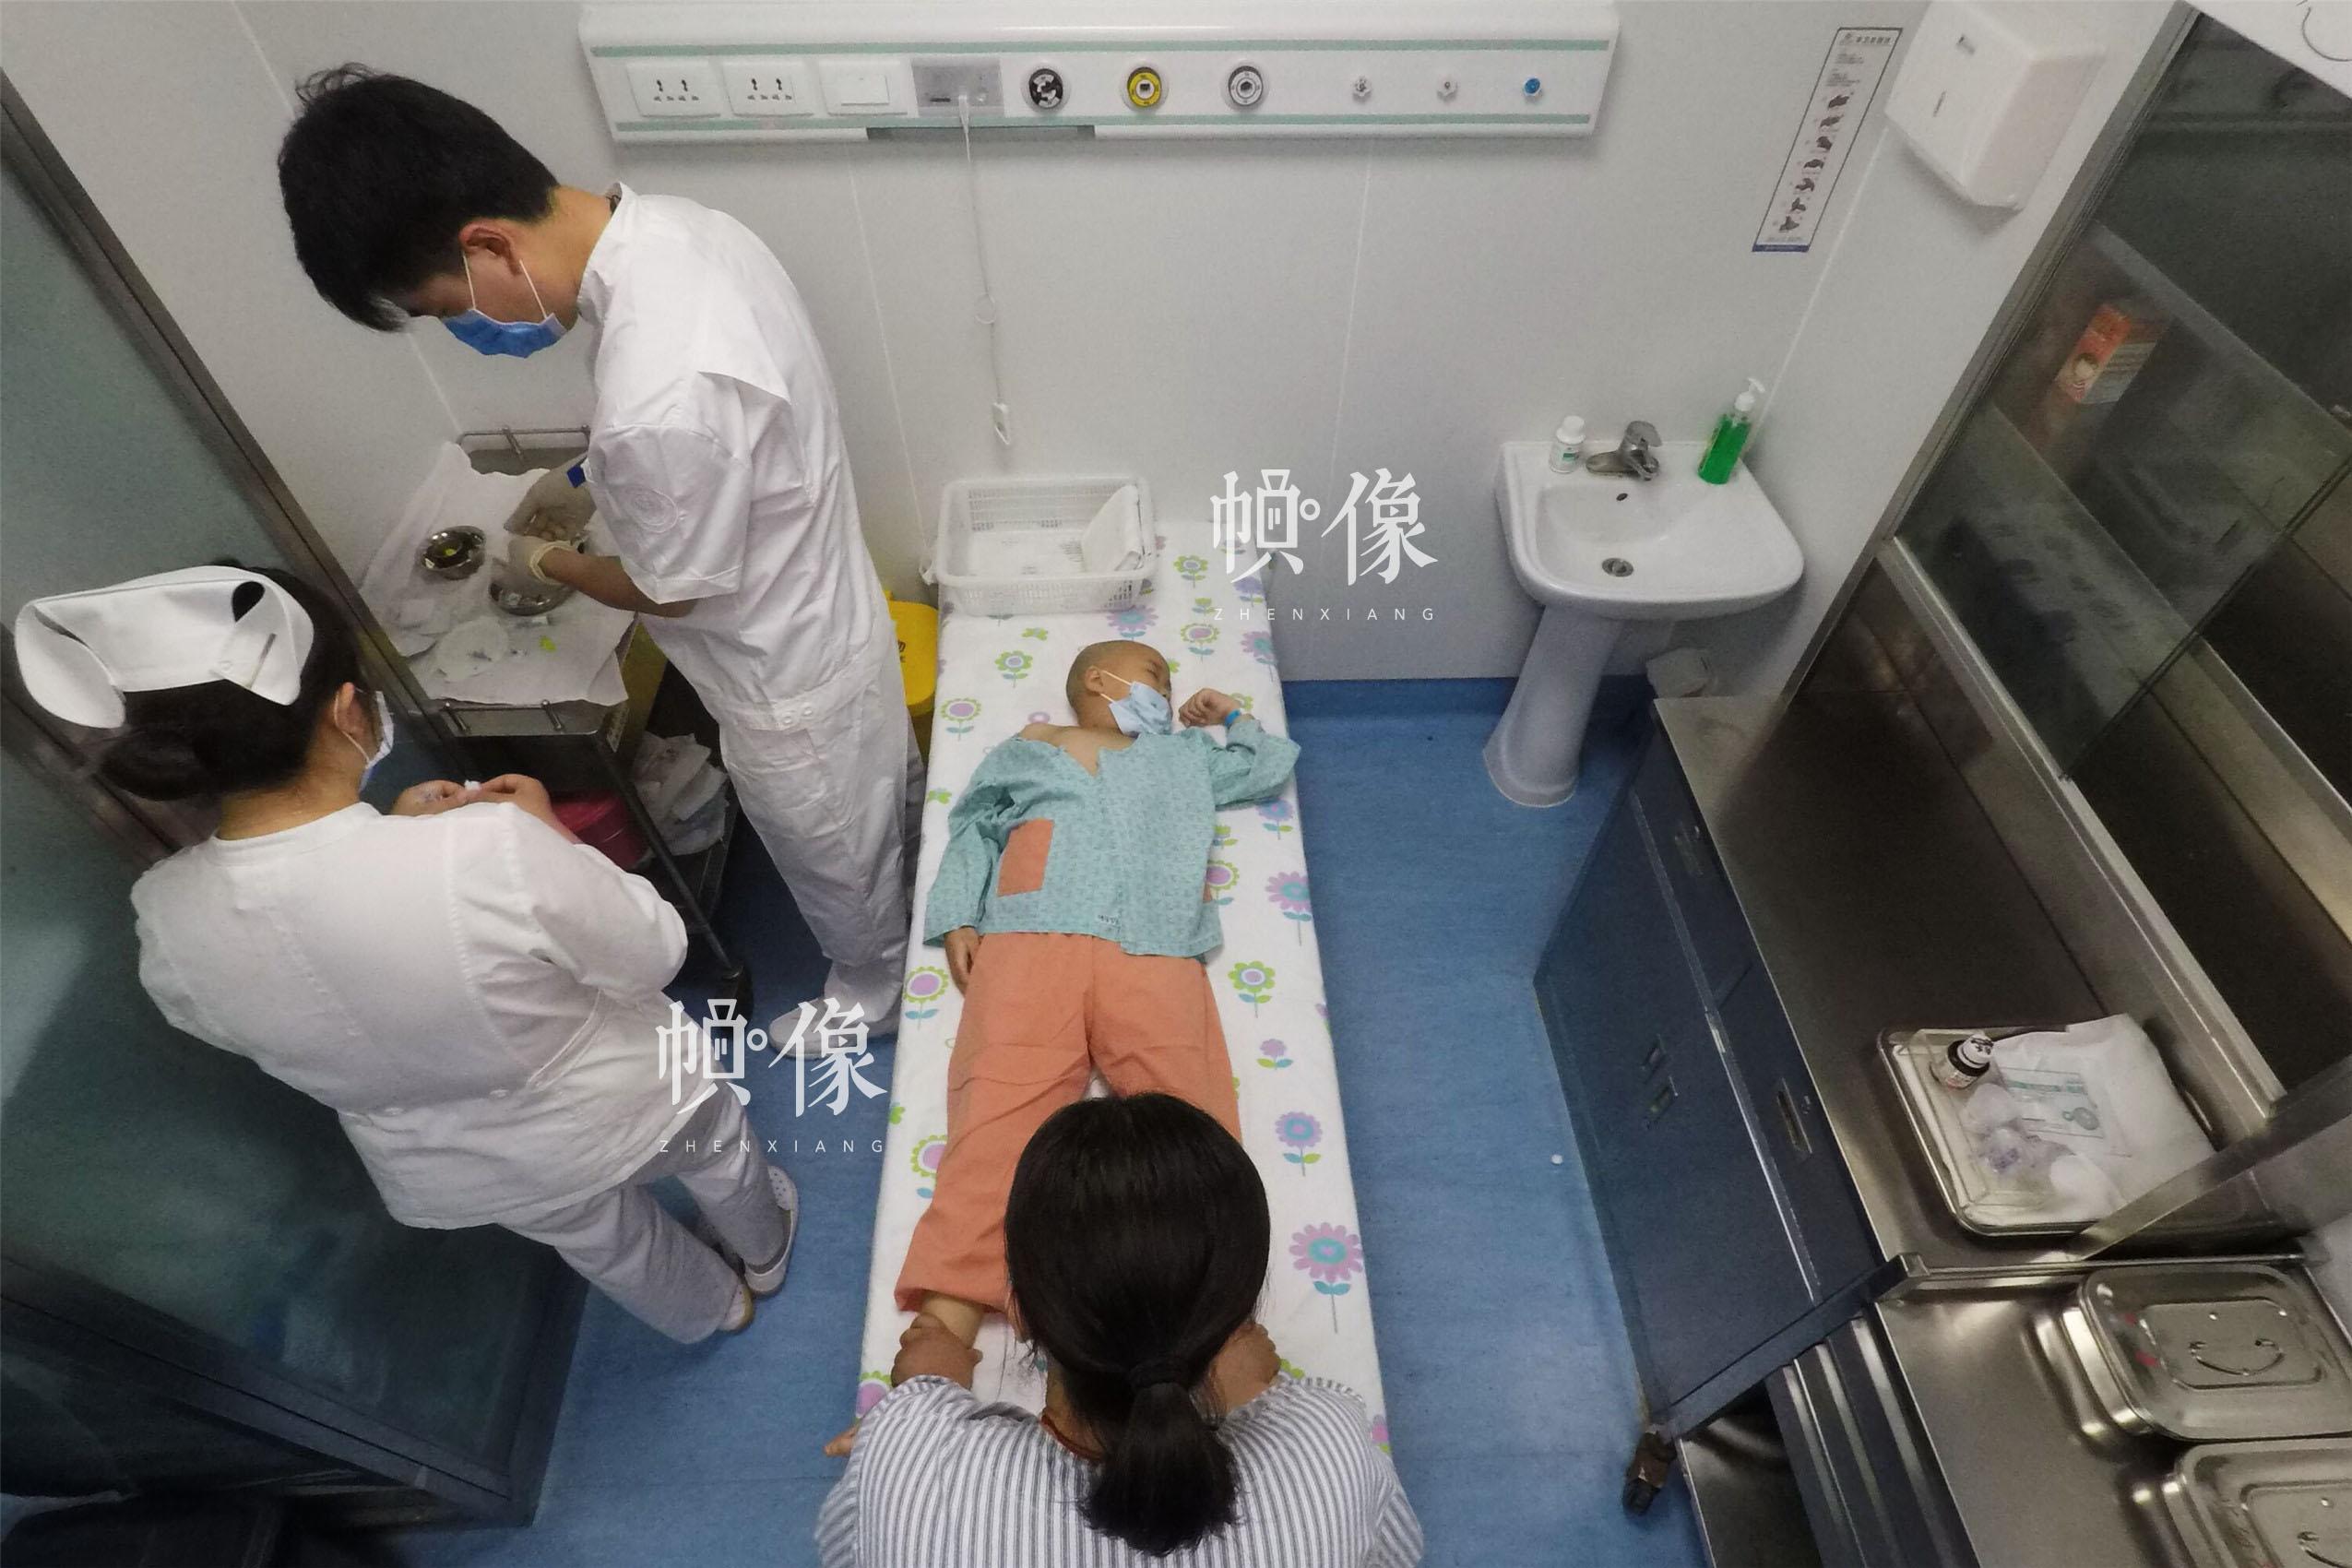 2017年5月24日,北京首都儿科研究所,男护士季长绪准备给白血病患儿天佑做检查。2017年4月28日,6岁的天佑被诊断为急性淋巴细胞白血病。白血病已成为危害儿童健康的重大疾病之一。目前中国每10万人中就有4-6人患有白血病,每年新增约4万名白血病患者,其中40%是儿童,并以2-7岁居多。中国网记者 陈维松 摄